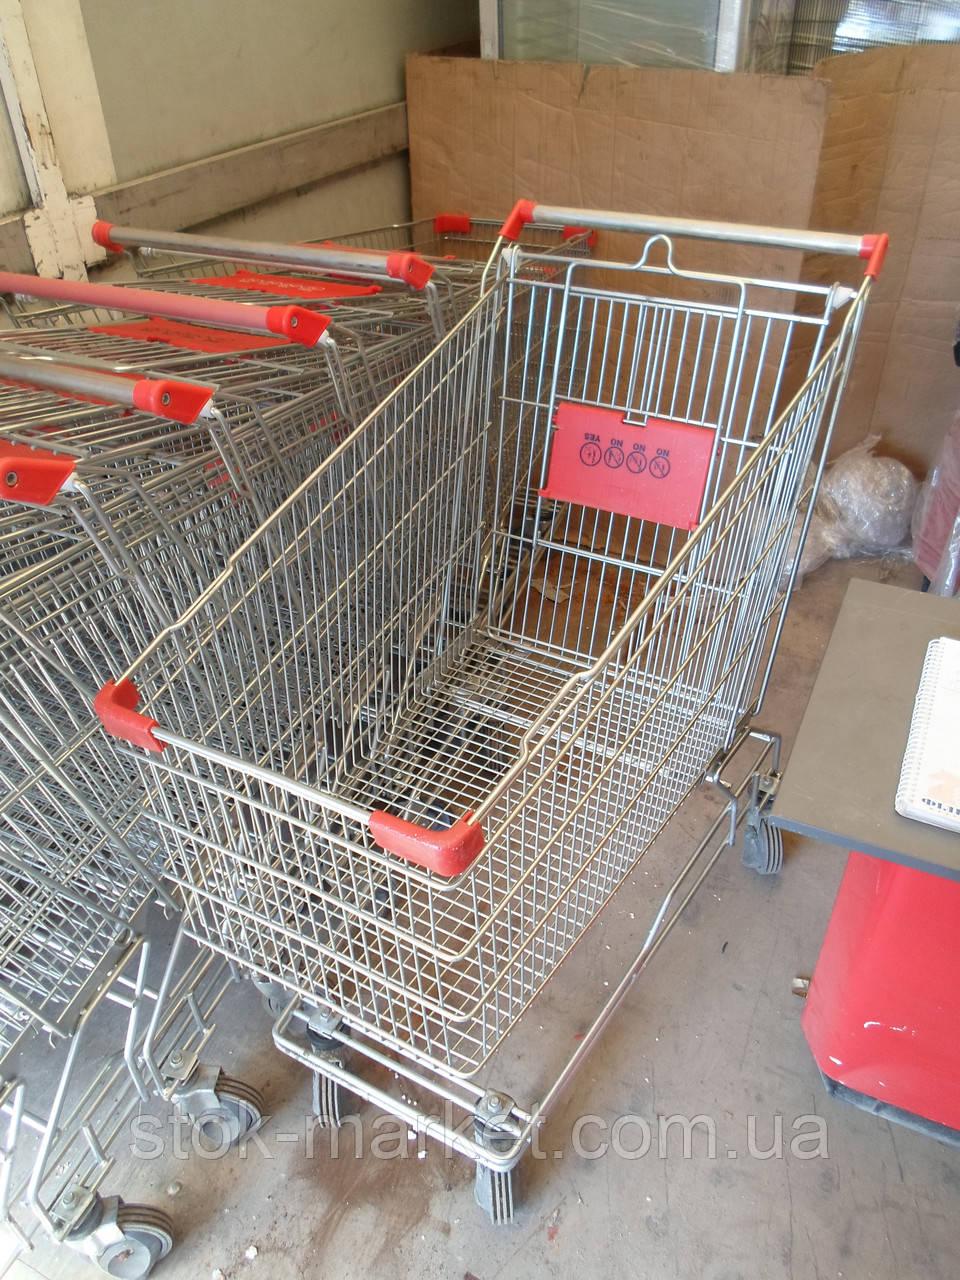 Тележки для супермаркетов 250 Л. б у, покупательские тележки б/у, тележки б/у, торговые тележки б у.